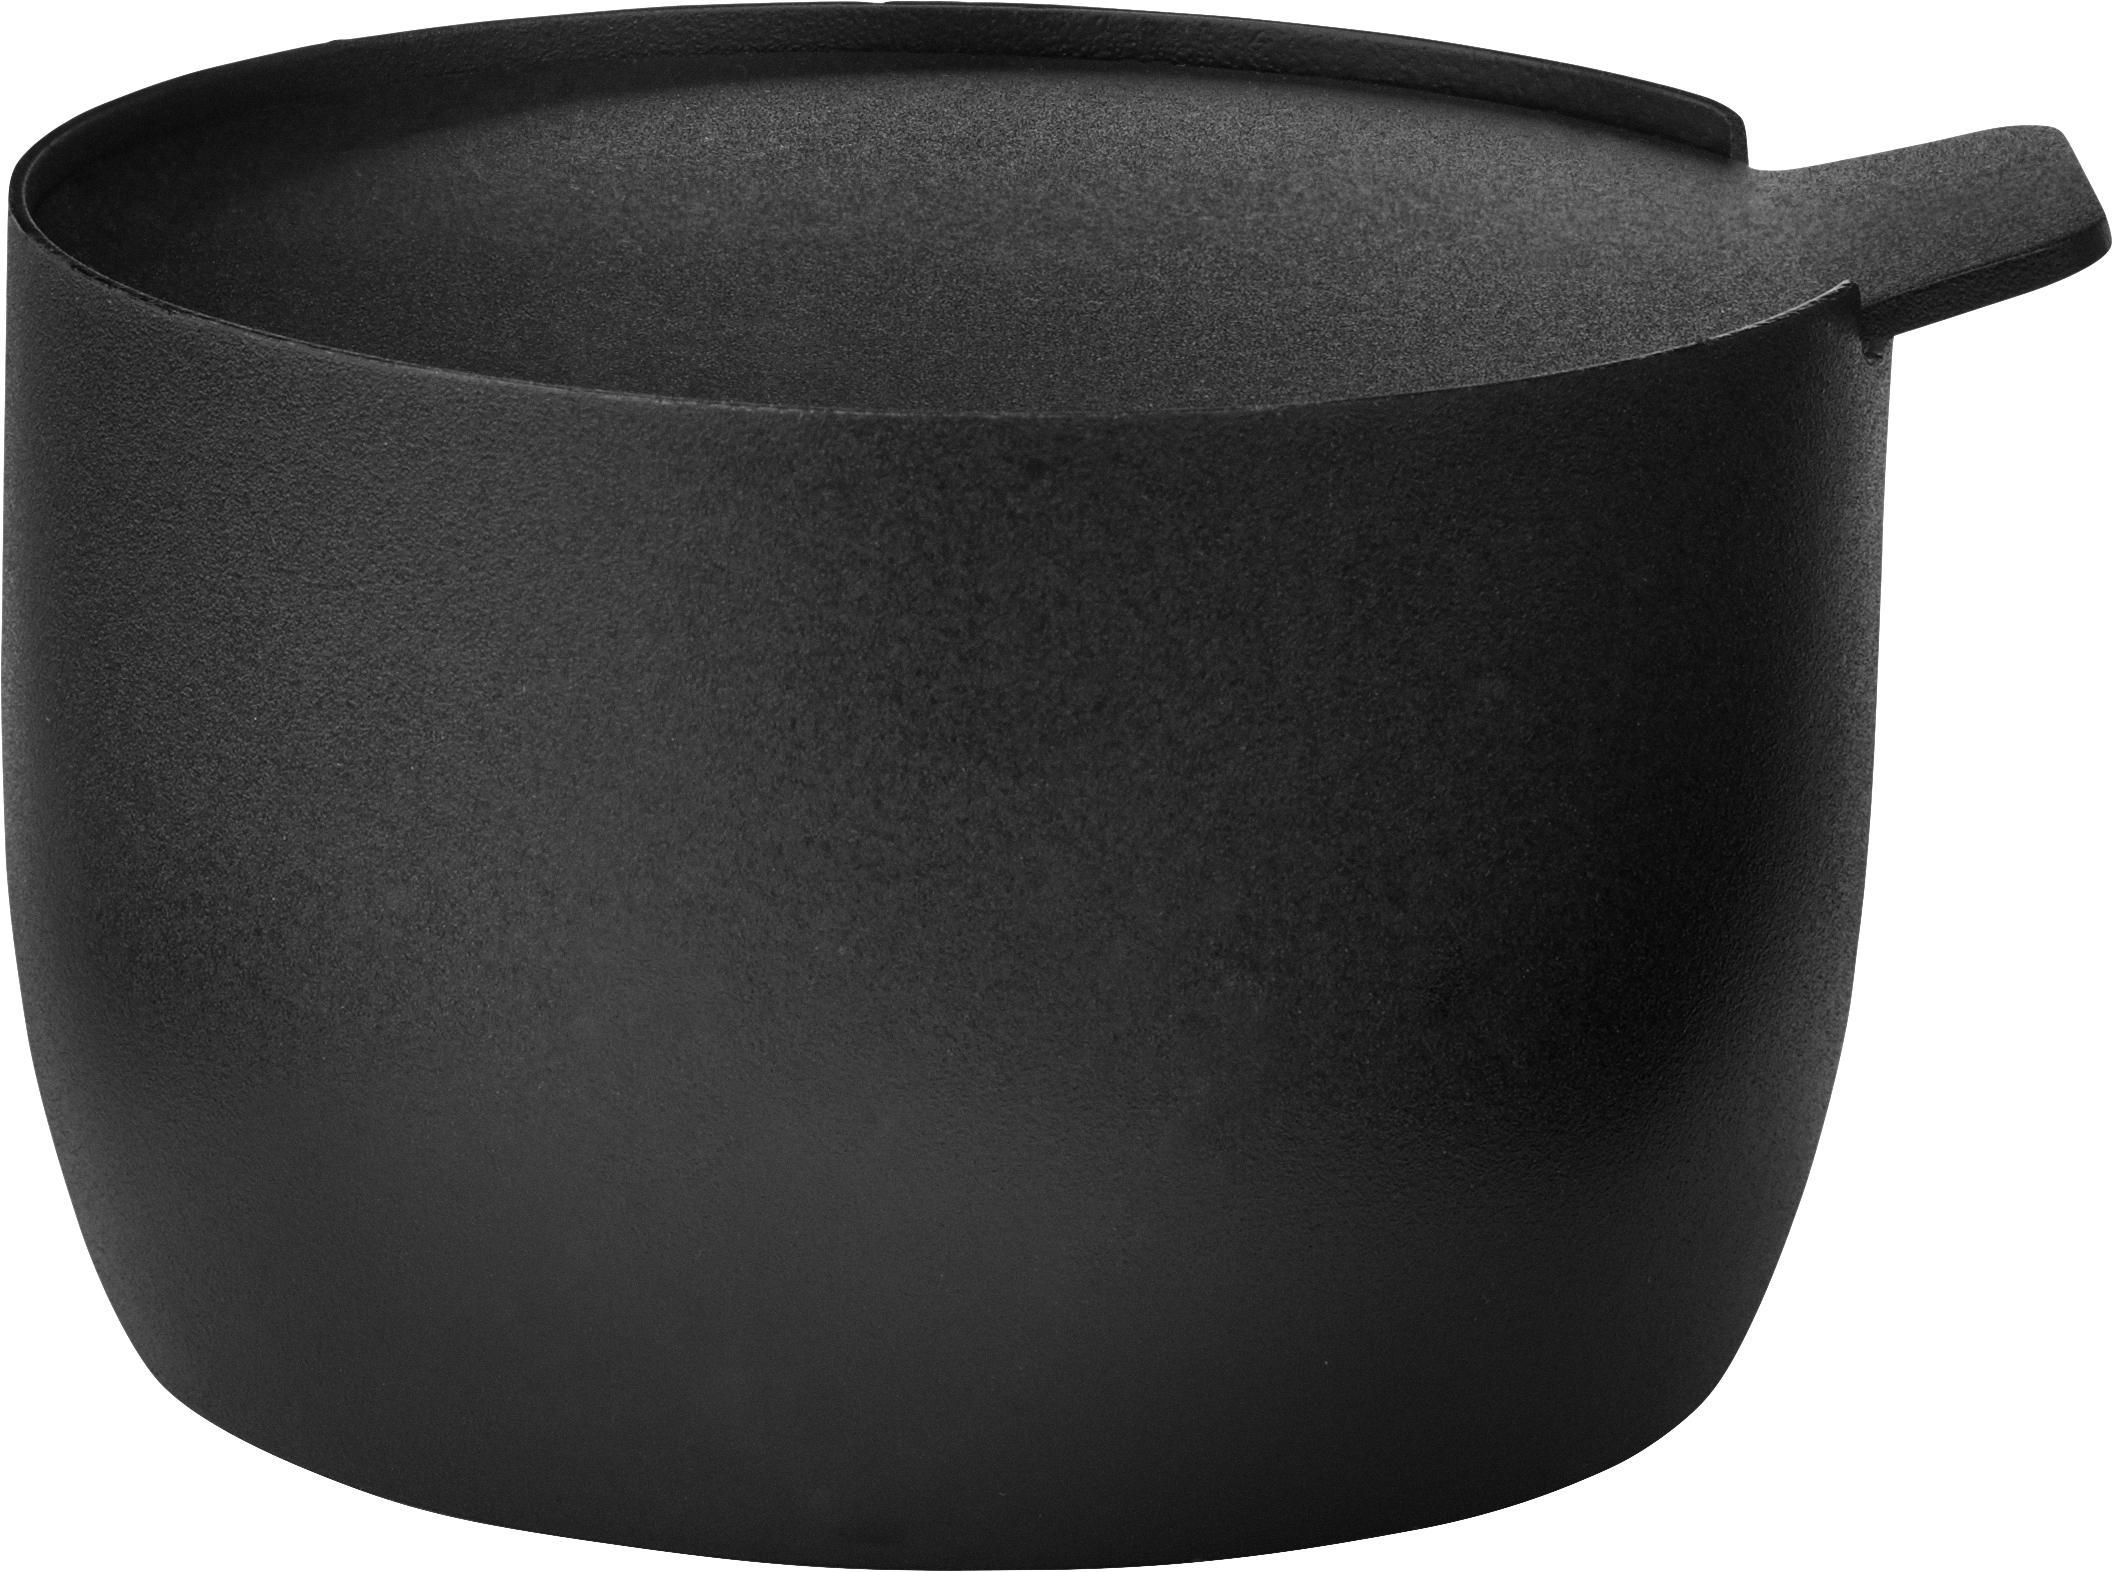 Suikerpot Collar, Edelstaal met teflon coating, Zwart, Ø 8 x H 6 cm